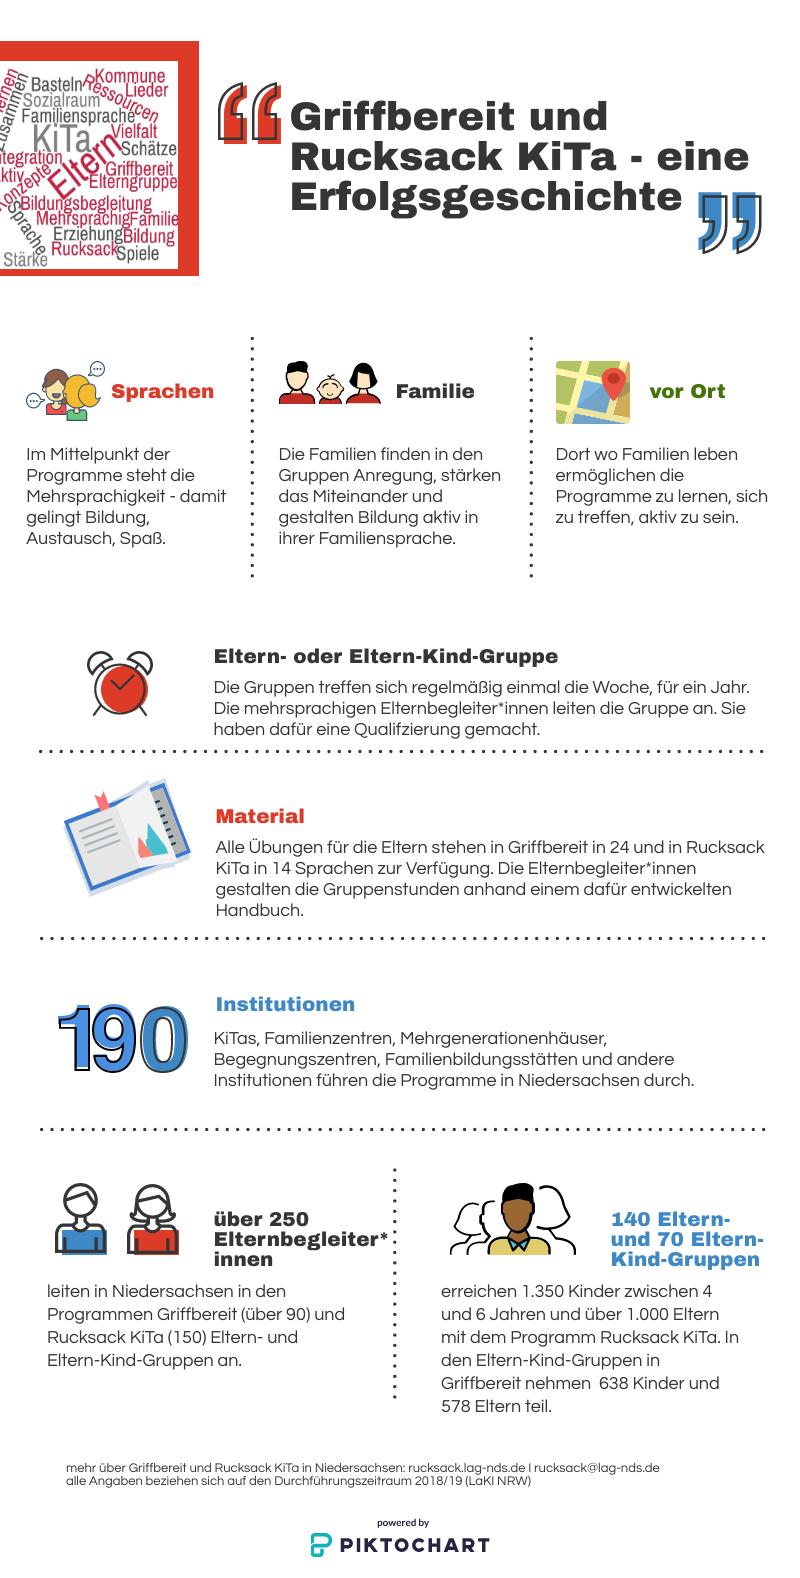 Die Programme Griffbereit und Rucksack KiTa in Niedersachsen